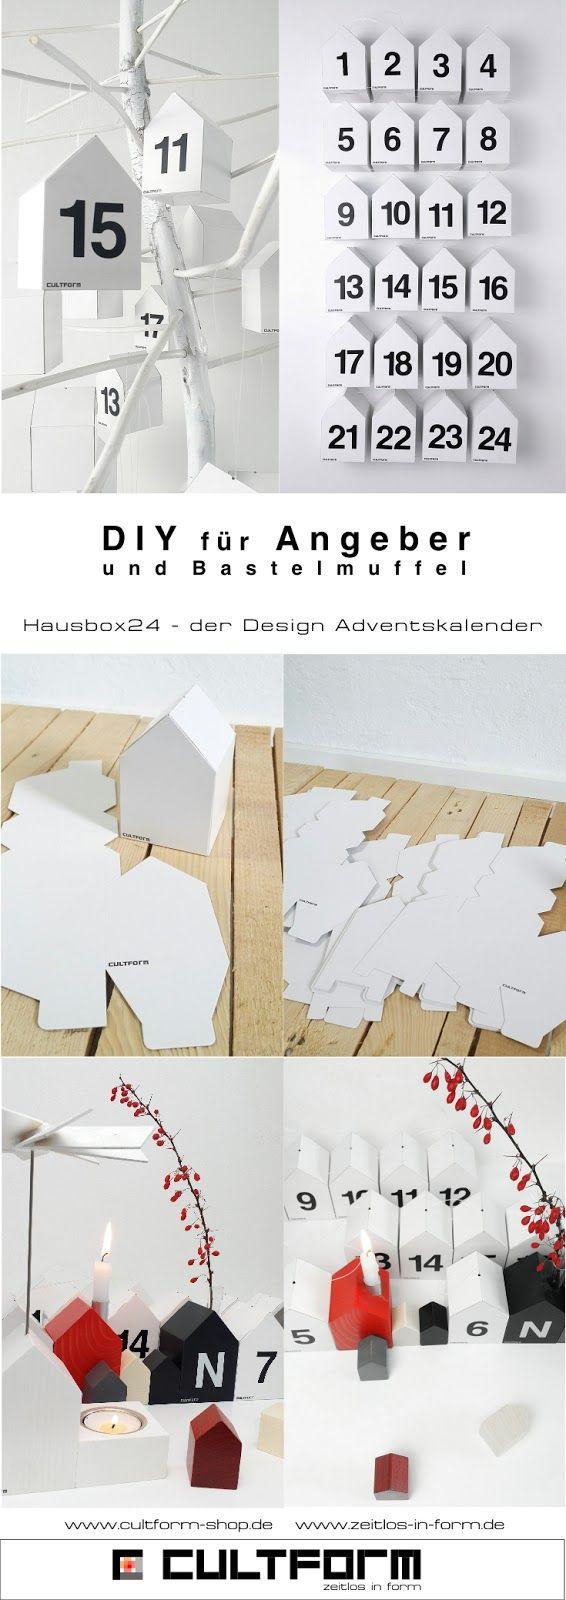 """Geniale Geschenkidee und ganz einfaches """"DIY für Angeber (und Bastelmuffel). Der Design - Adventskalender Hausbox24 von CULTFORM. #diy #adventskalender #weihnachten #christmas #geschenk #minimal #häuschen #häuschen #houses #design Pinterestgrafik_Blog_zeitlos-in-form_hausbox24"""